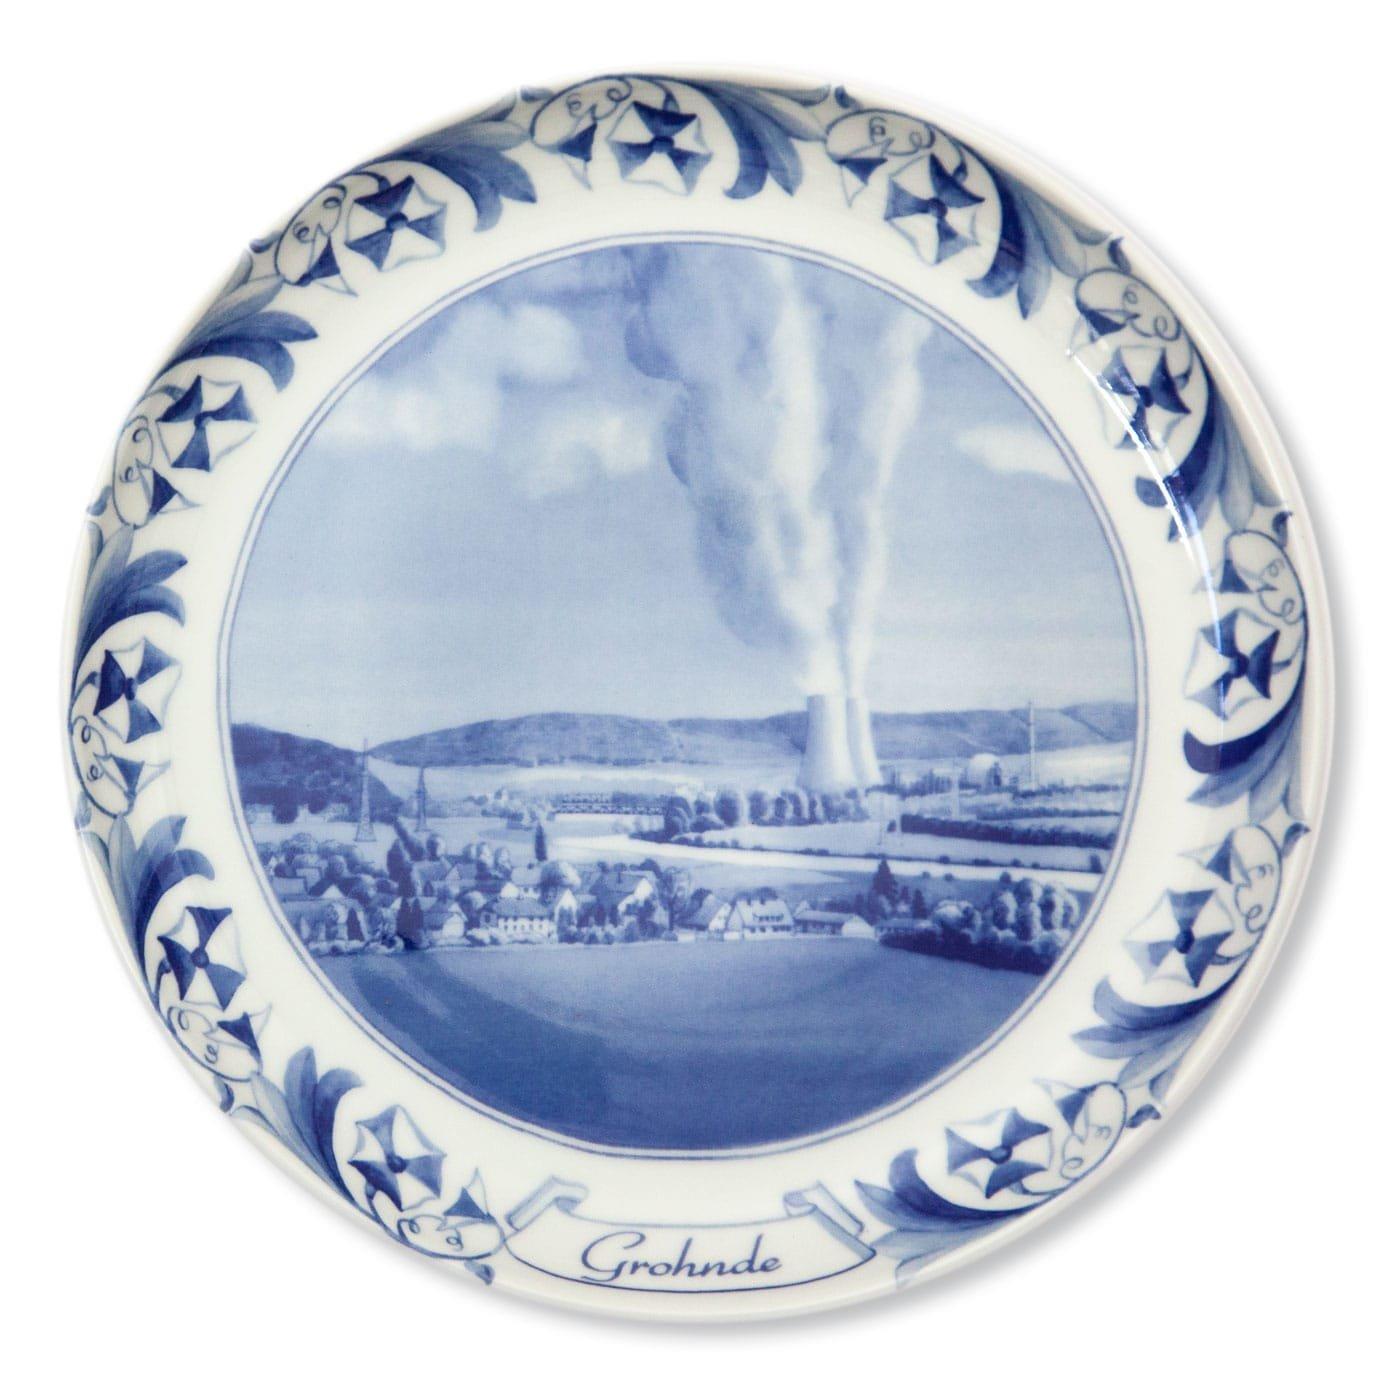 porcelain-nuclear-reactors-plates-grohnde